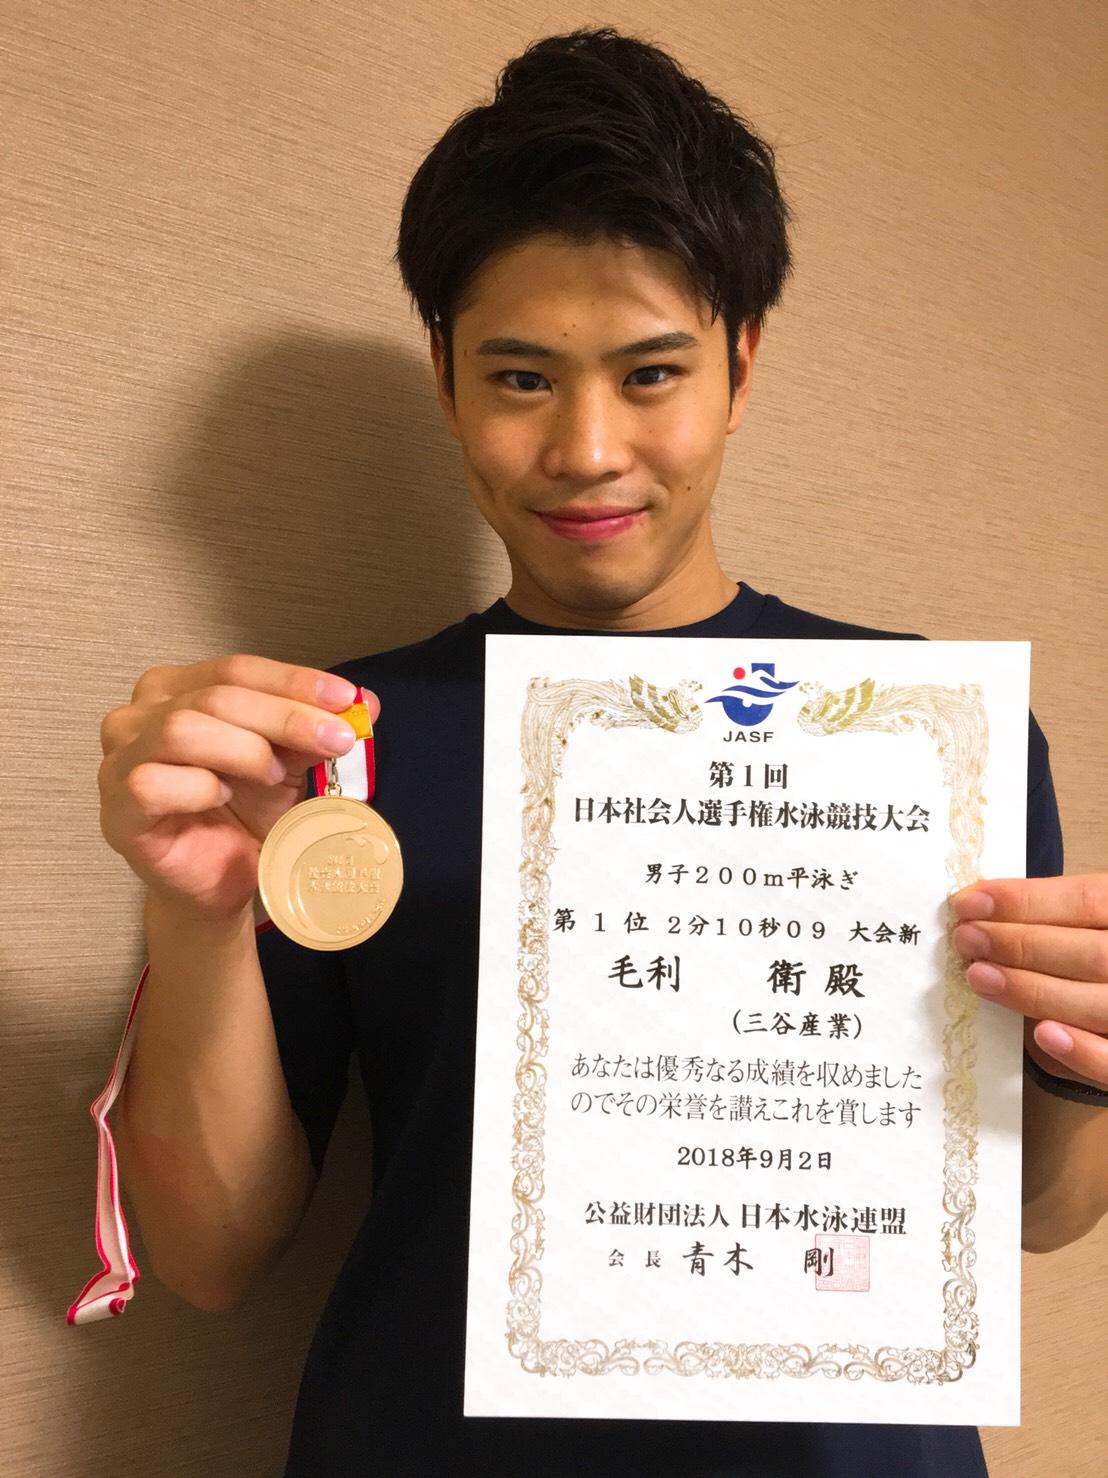 第1回 日本社会人選手権水泳競技大会 大会結果